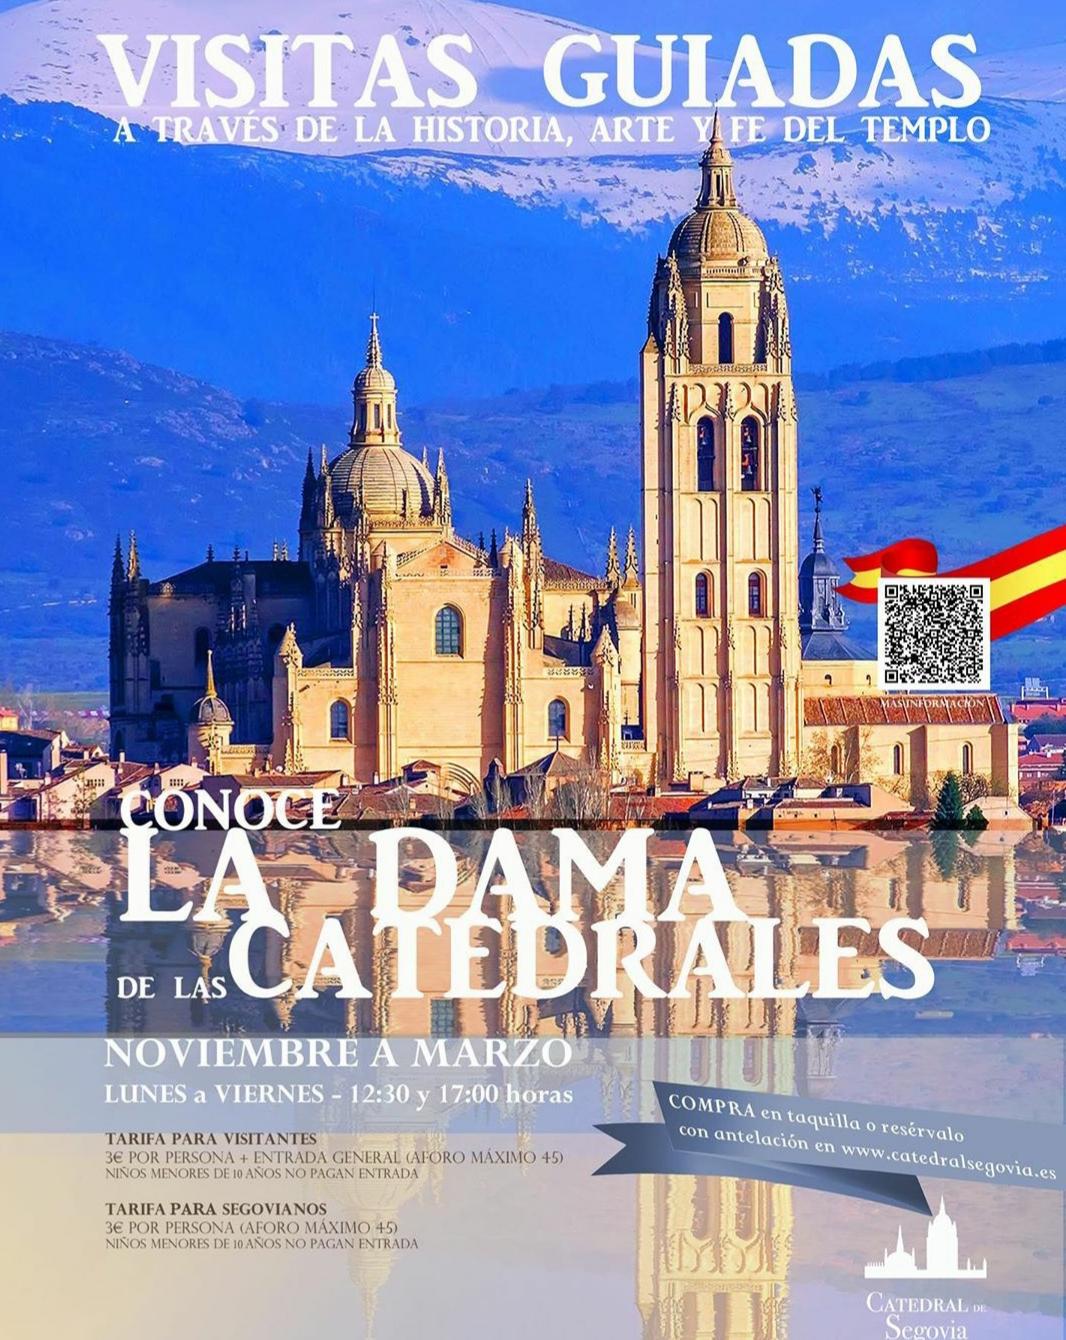 Visitas guiadas Catedral de Segovia